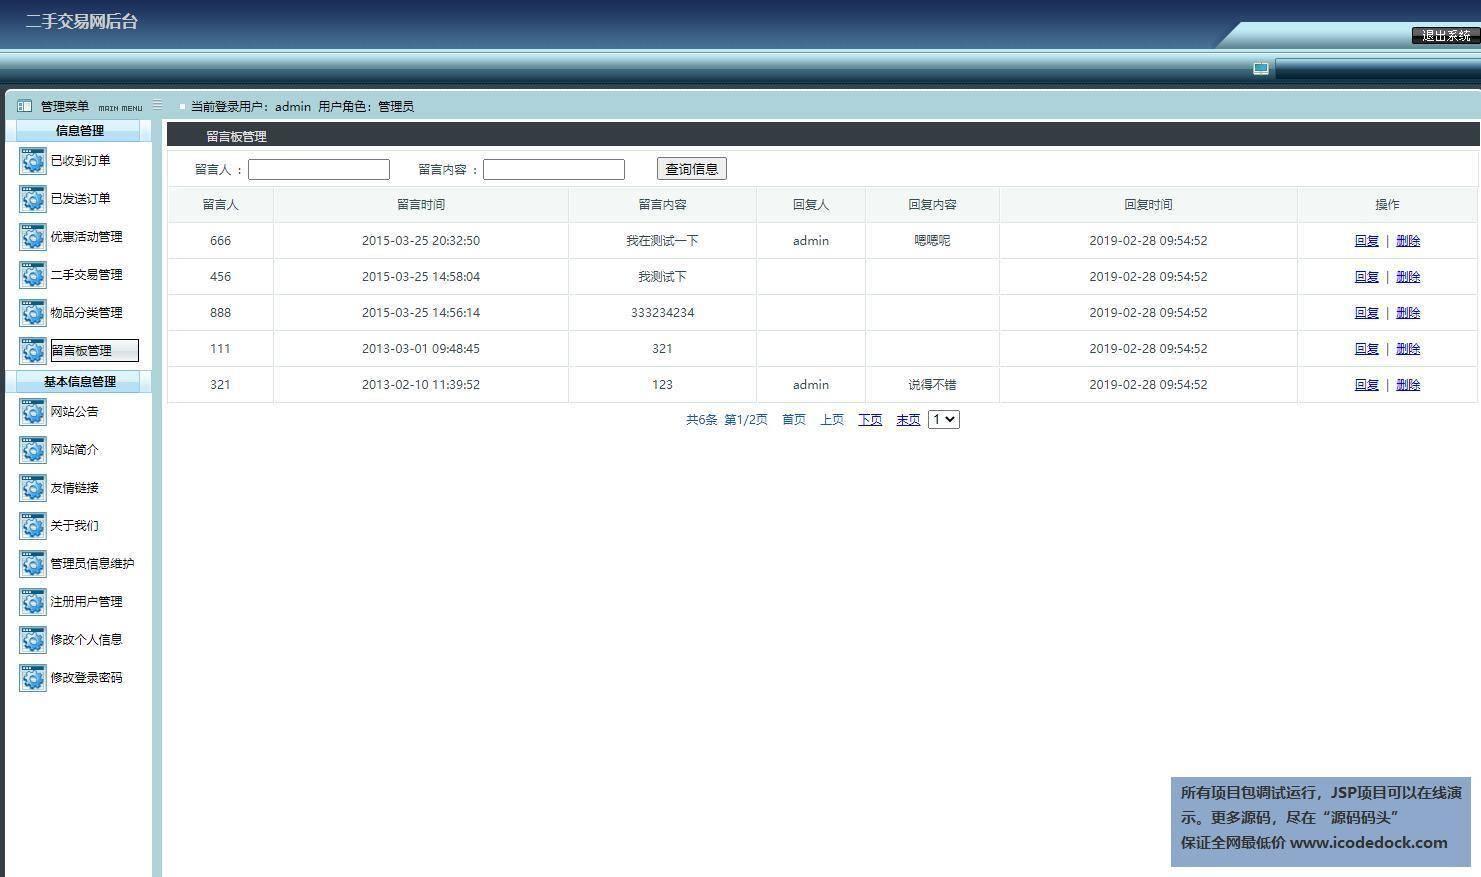 源码码头-JSP校园二手物品交易平台网站-管理员角色-留言板管理